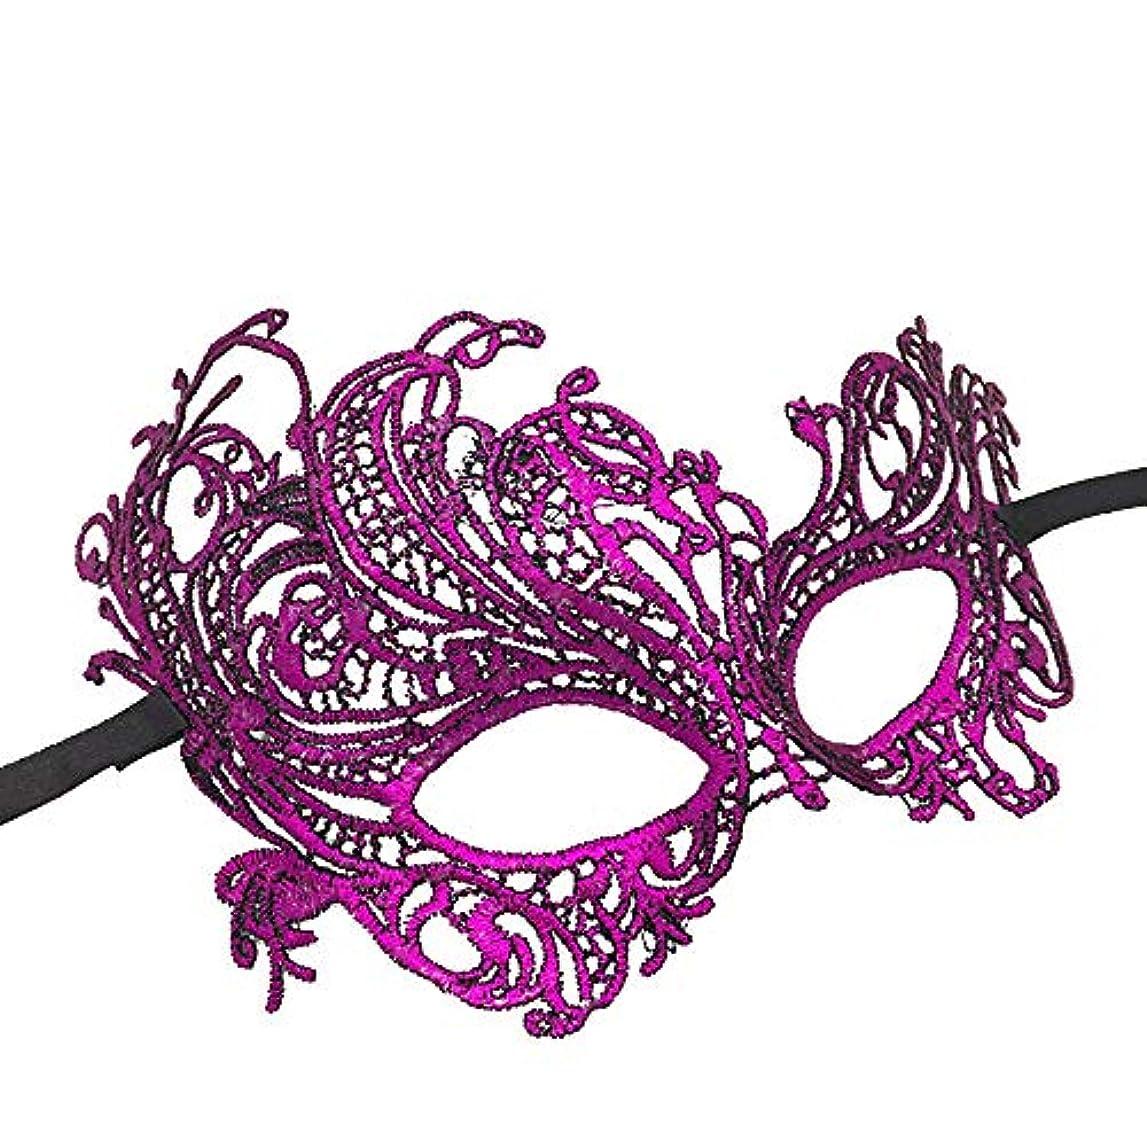 超音速漏斗セレナAuntwhale ハロウィンマスク大人恐怖コスチューム、パーティーファンシー仮装ハロウィンマスク、フェスティバル通気性ギフトヘッドマスク - パープル